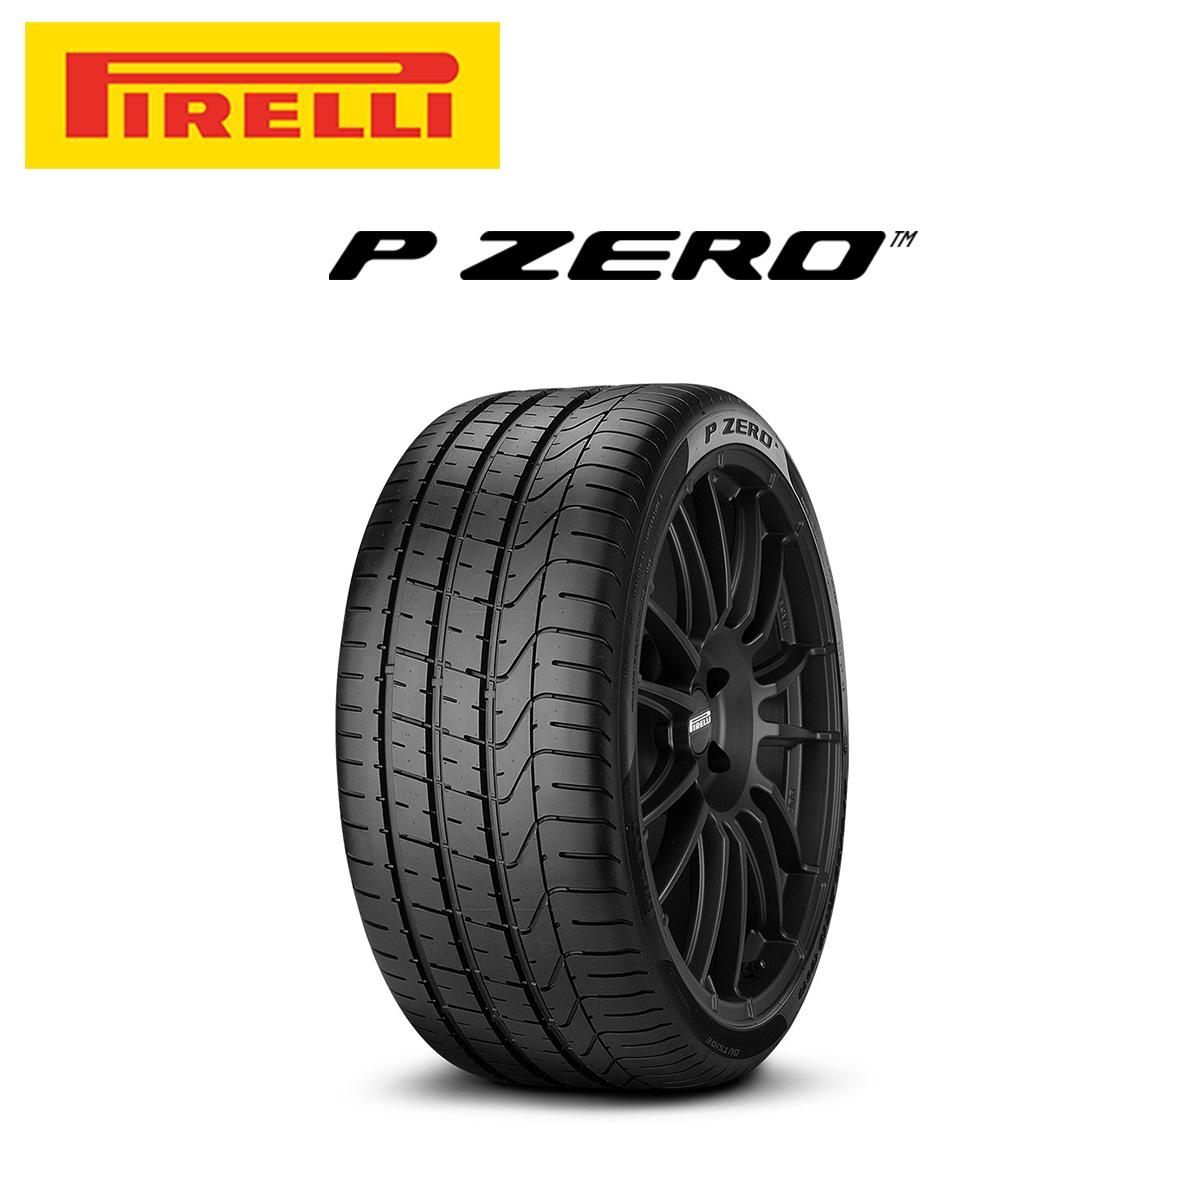 ピレリ PIRELLI P ZERO ピーゼロ 19インチ サマー タイヤ 4本 セット 225/40R19 89Y r-f ★:BMW MINI承認タイヤ 1990700